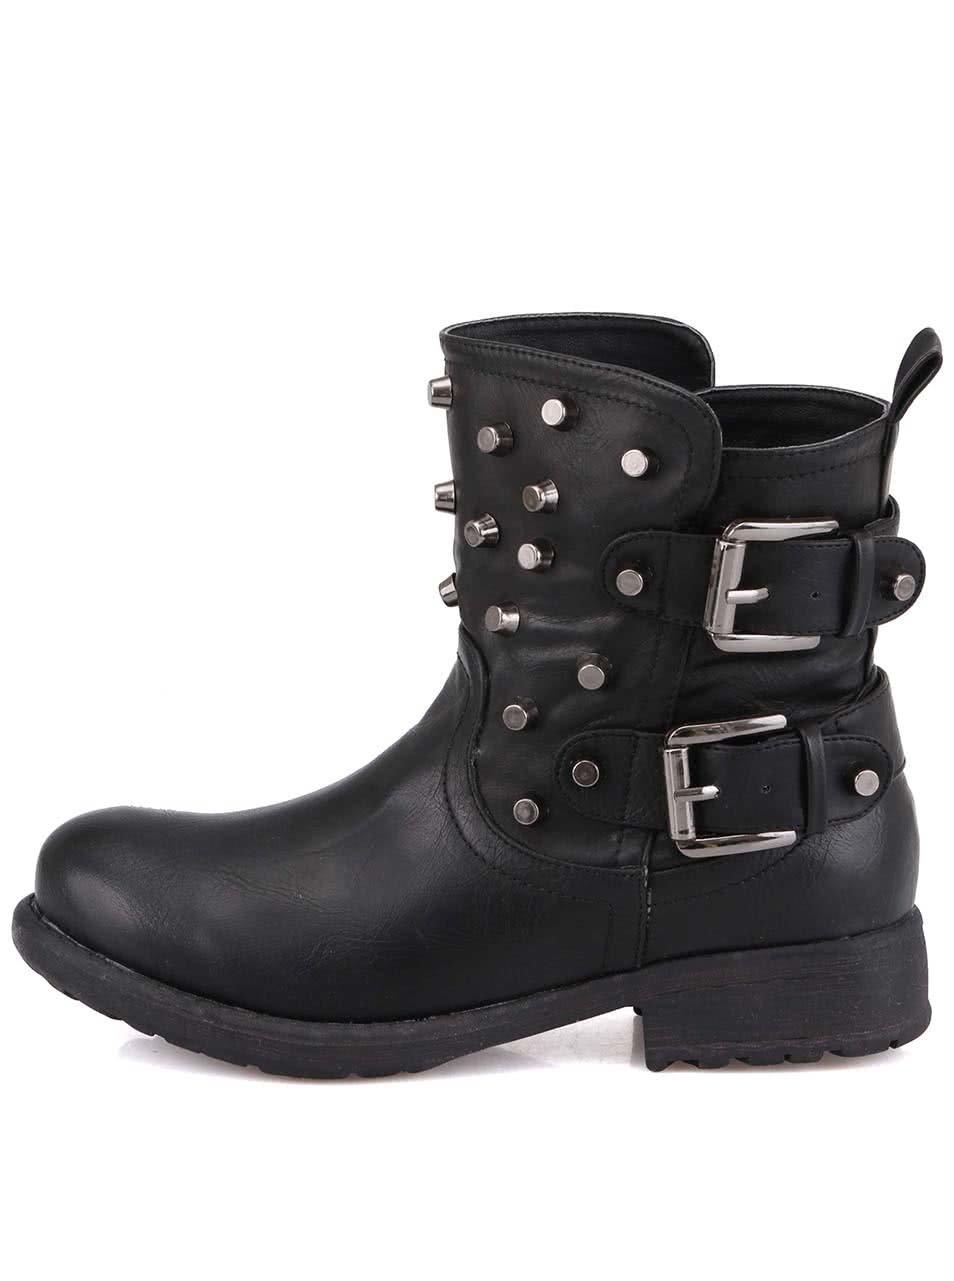 Černé dámské kotníkové boty s cvočky London Rebel Soldier 25b8540bf4